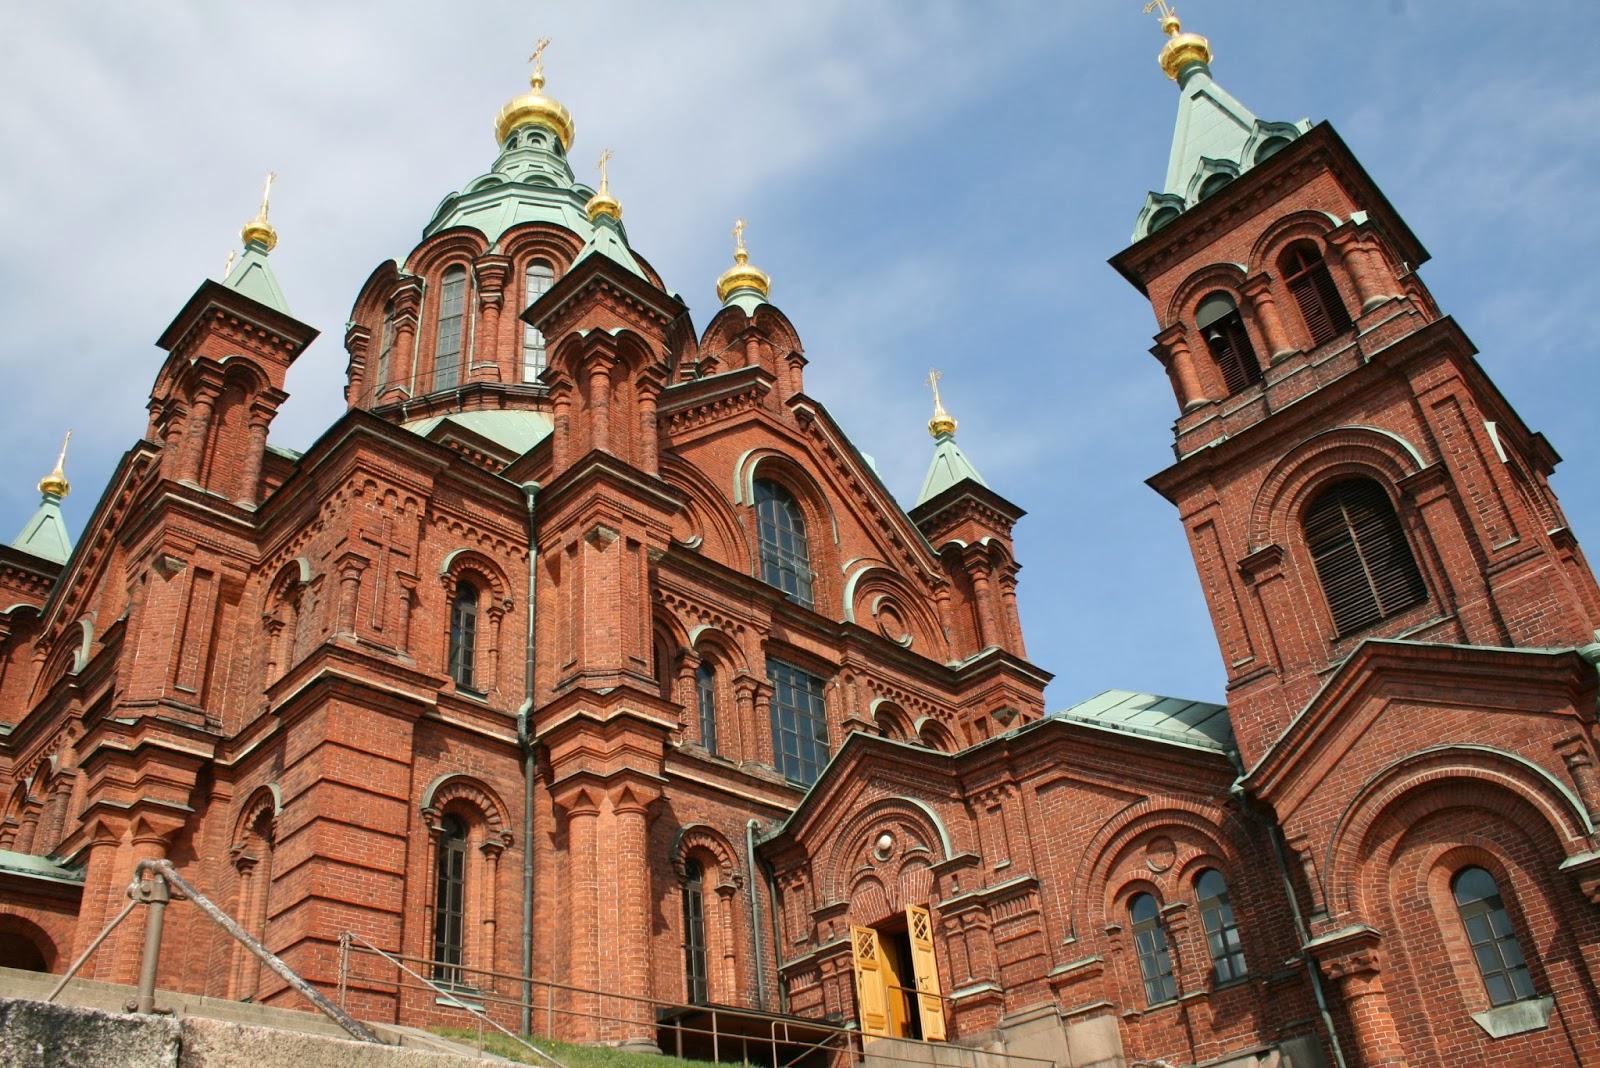 El edificio de la catedral ortodoxa está levantado en ladrillo rojo